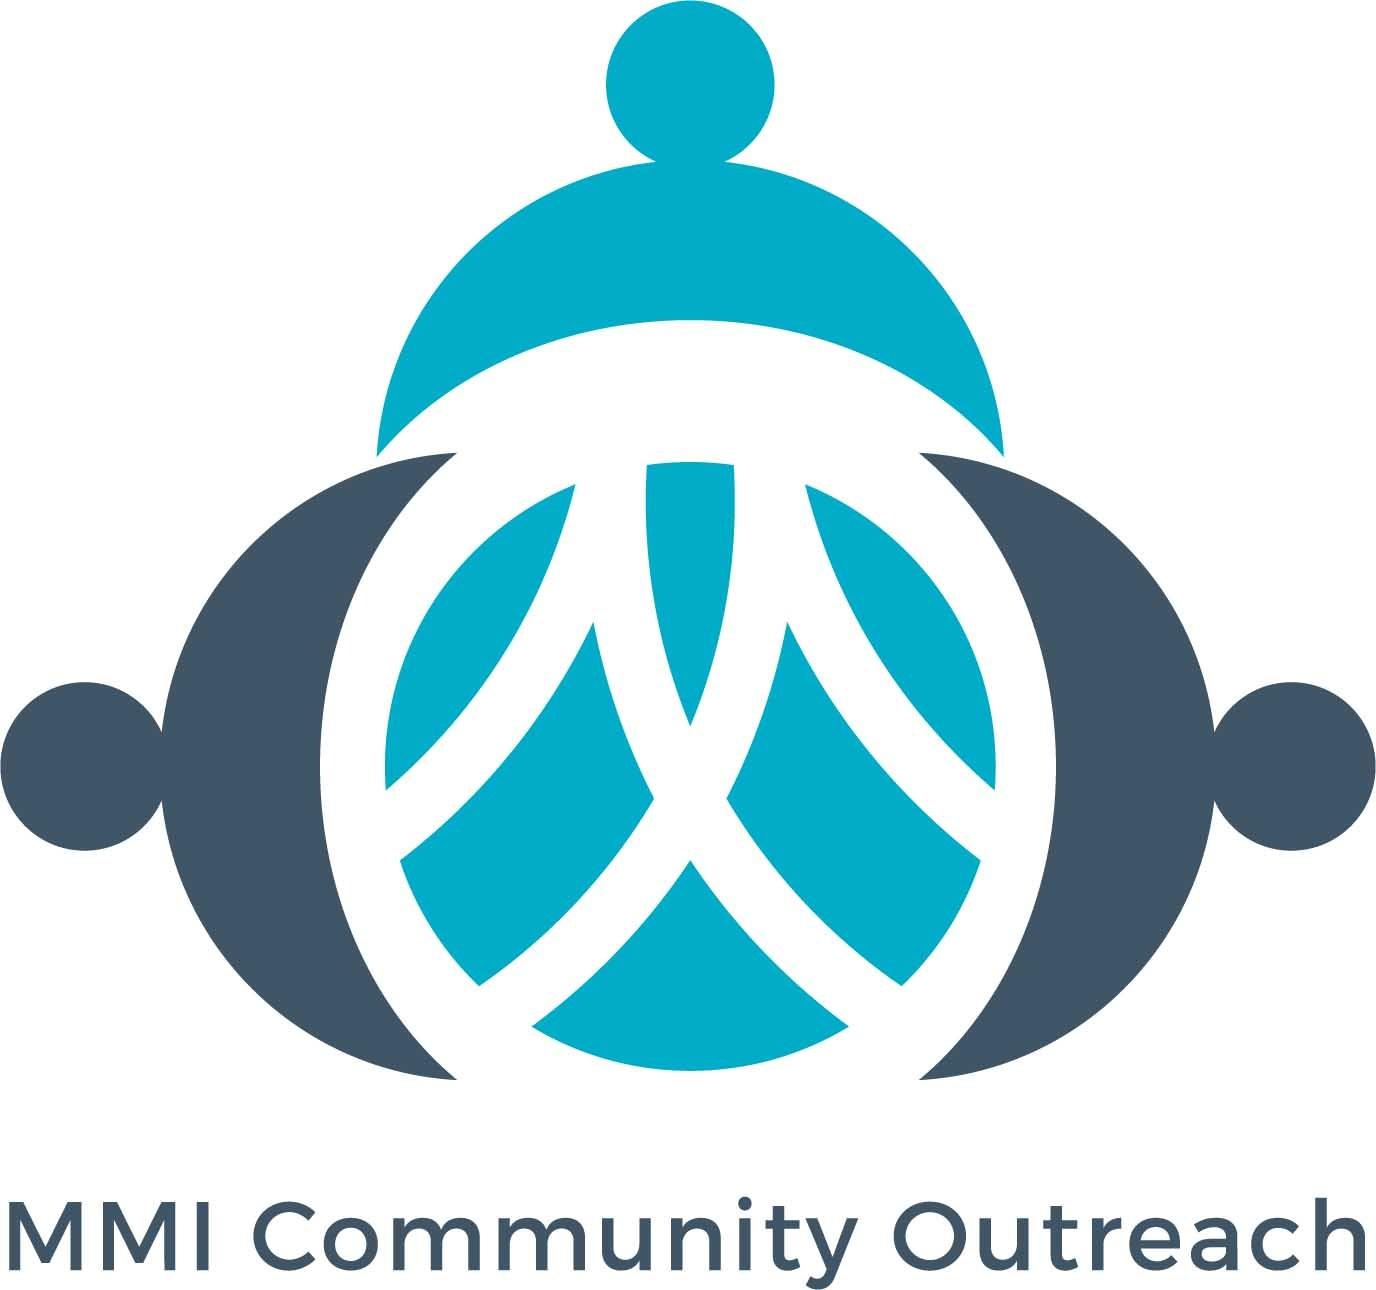 MMI Community Outreach